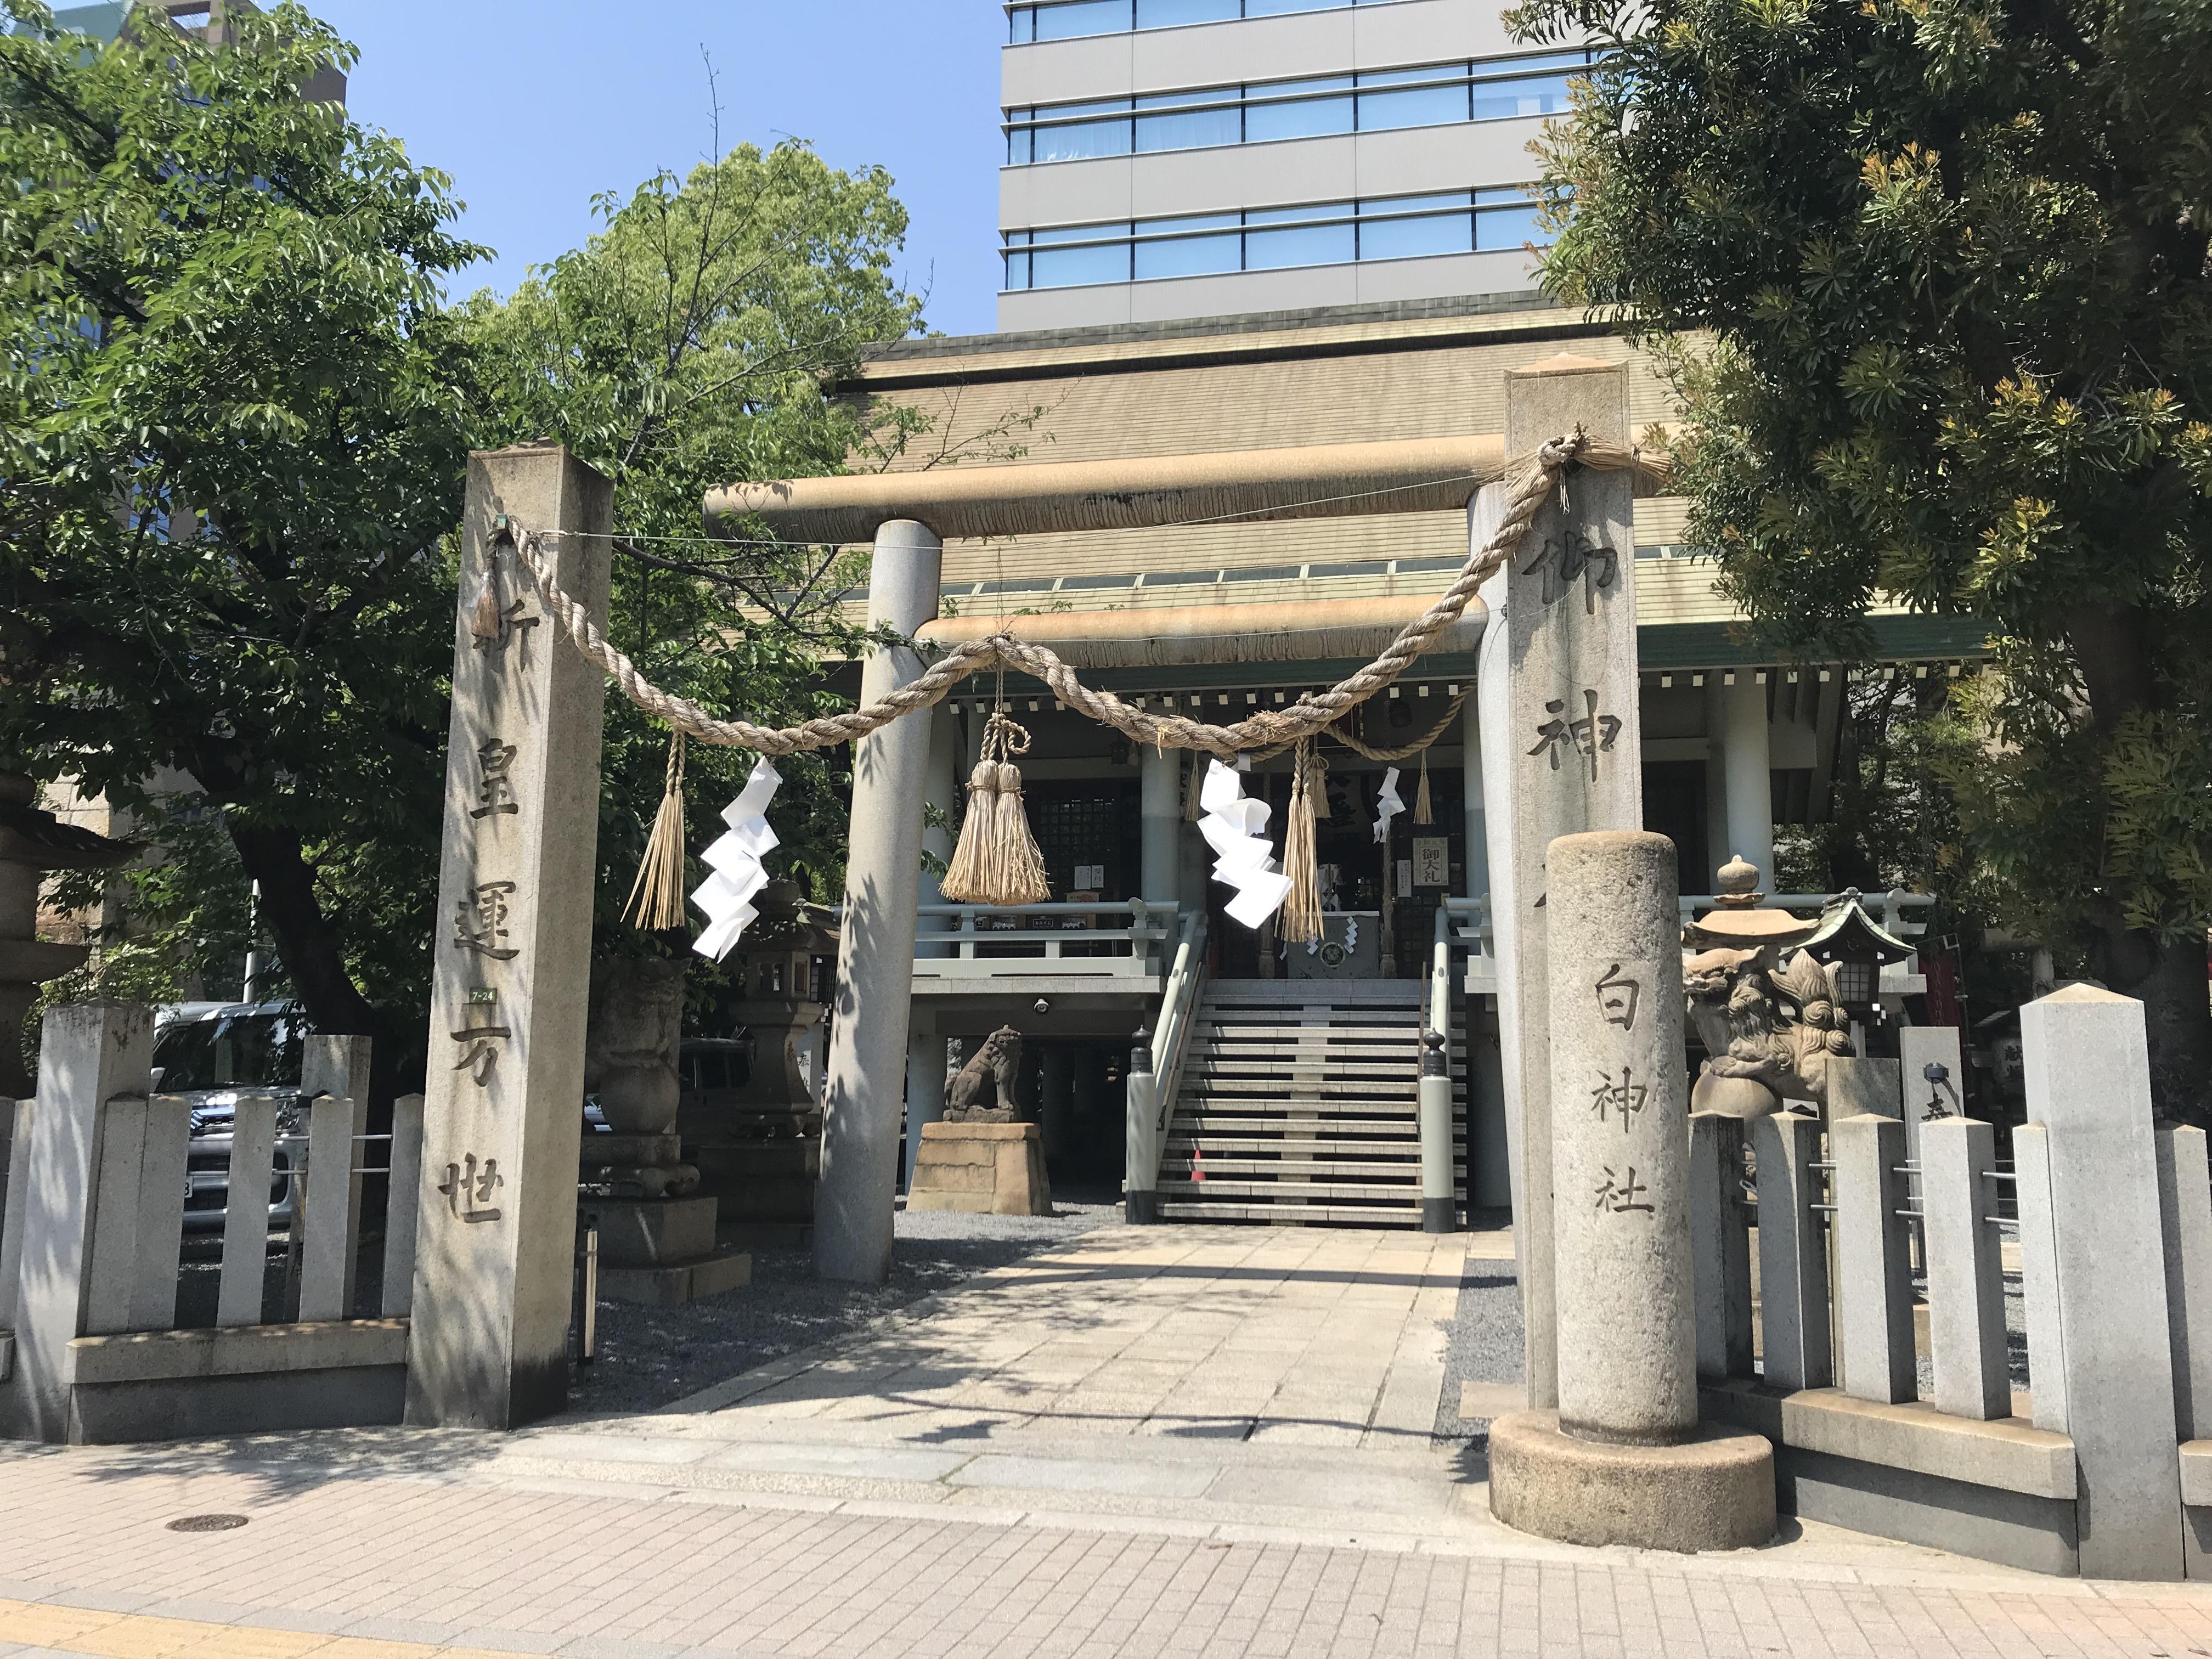 広島市白神社で御朱印めぐり